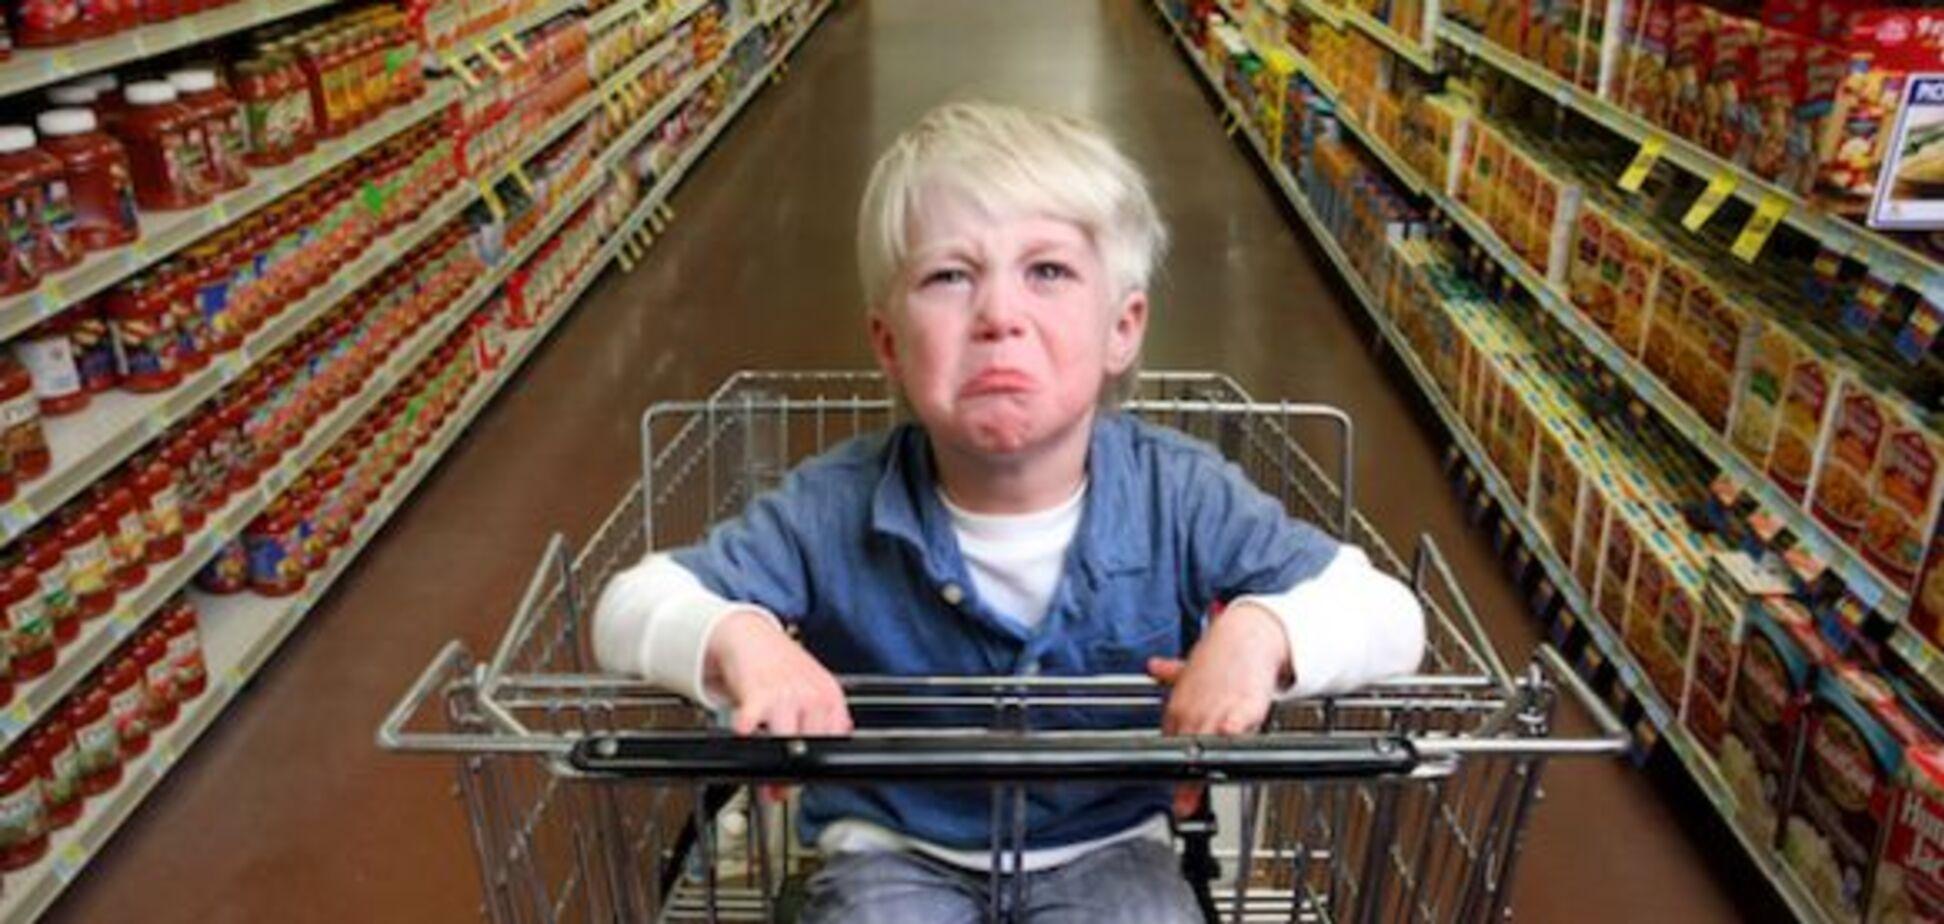 Ребенок разбил товар в магазине: что дальше?